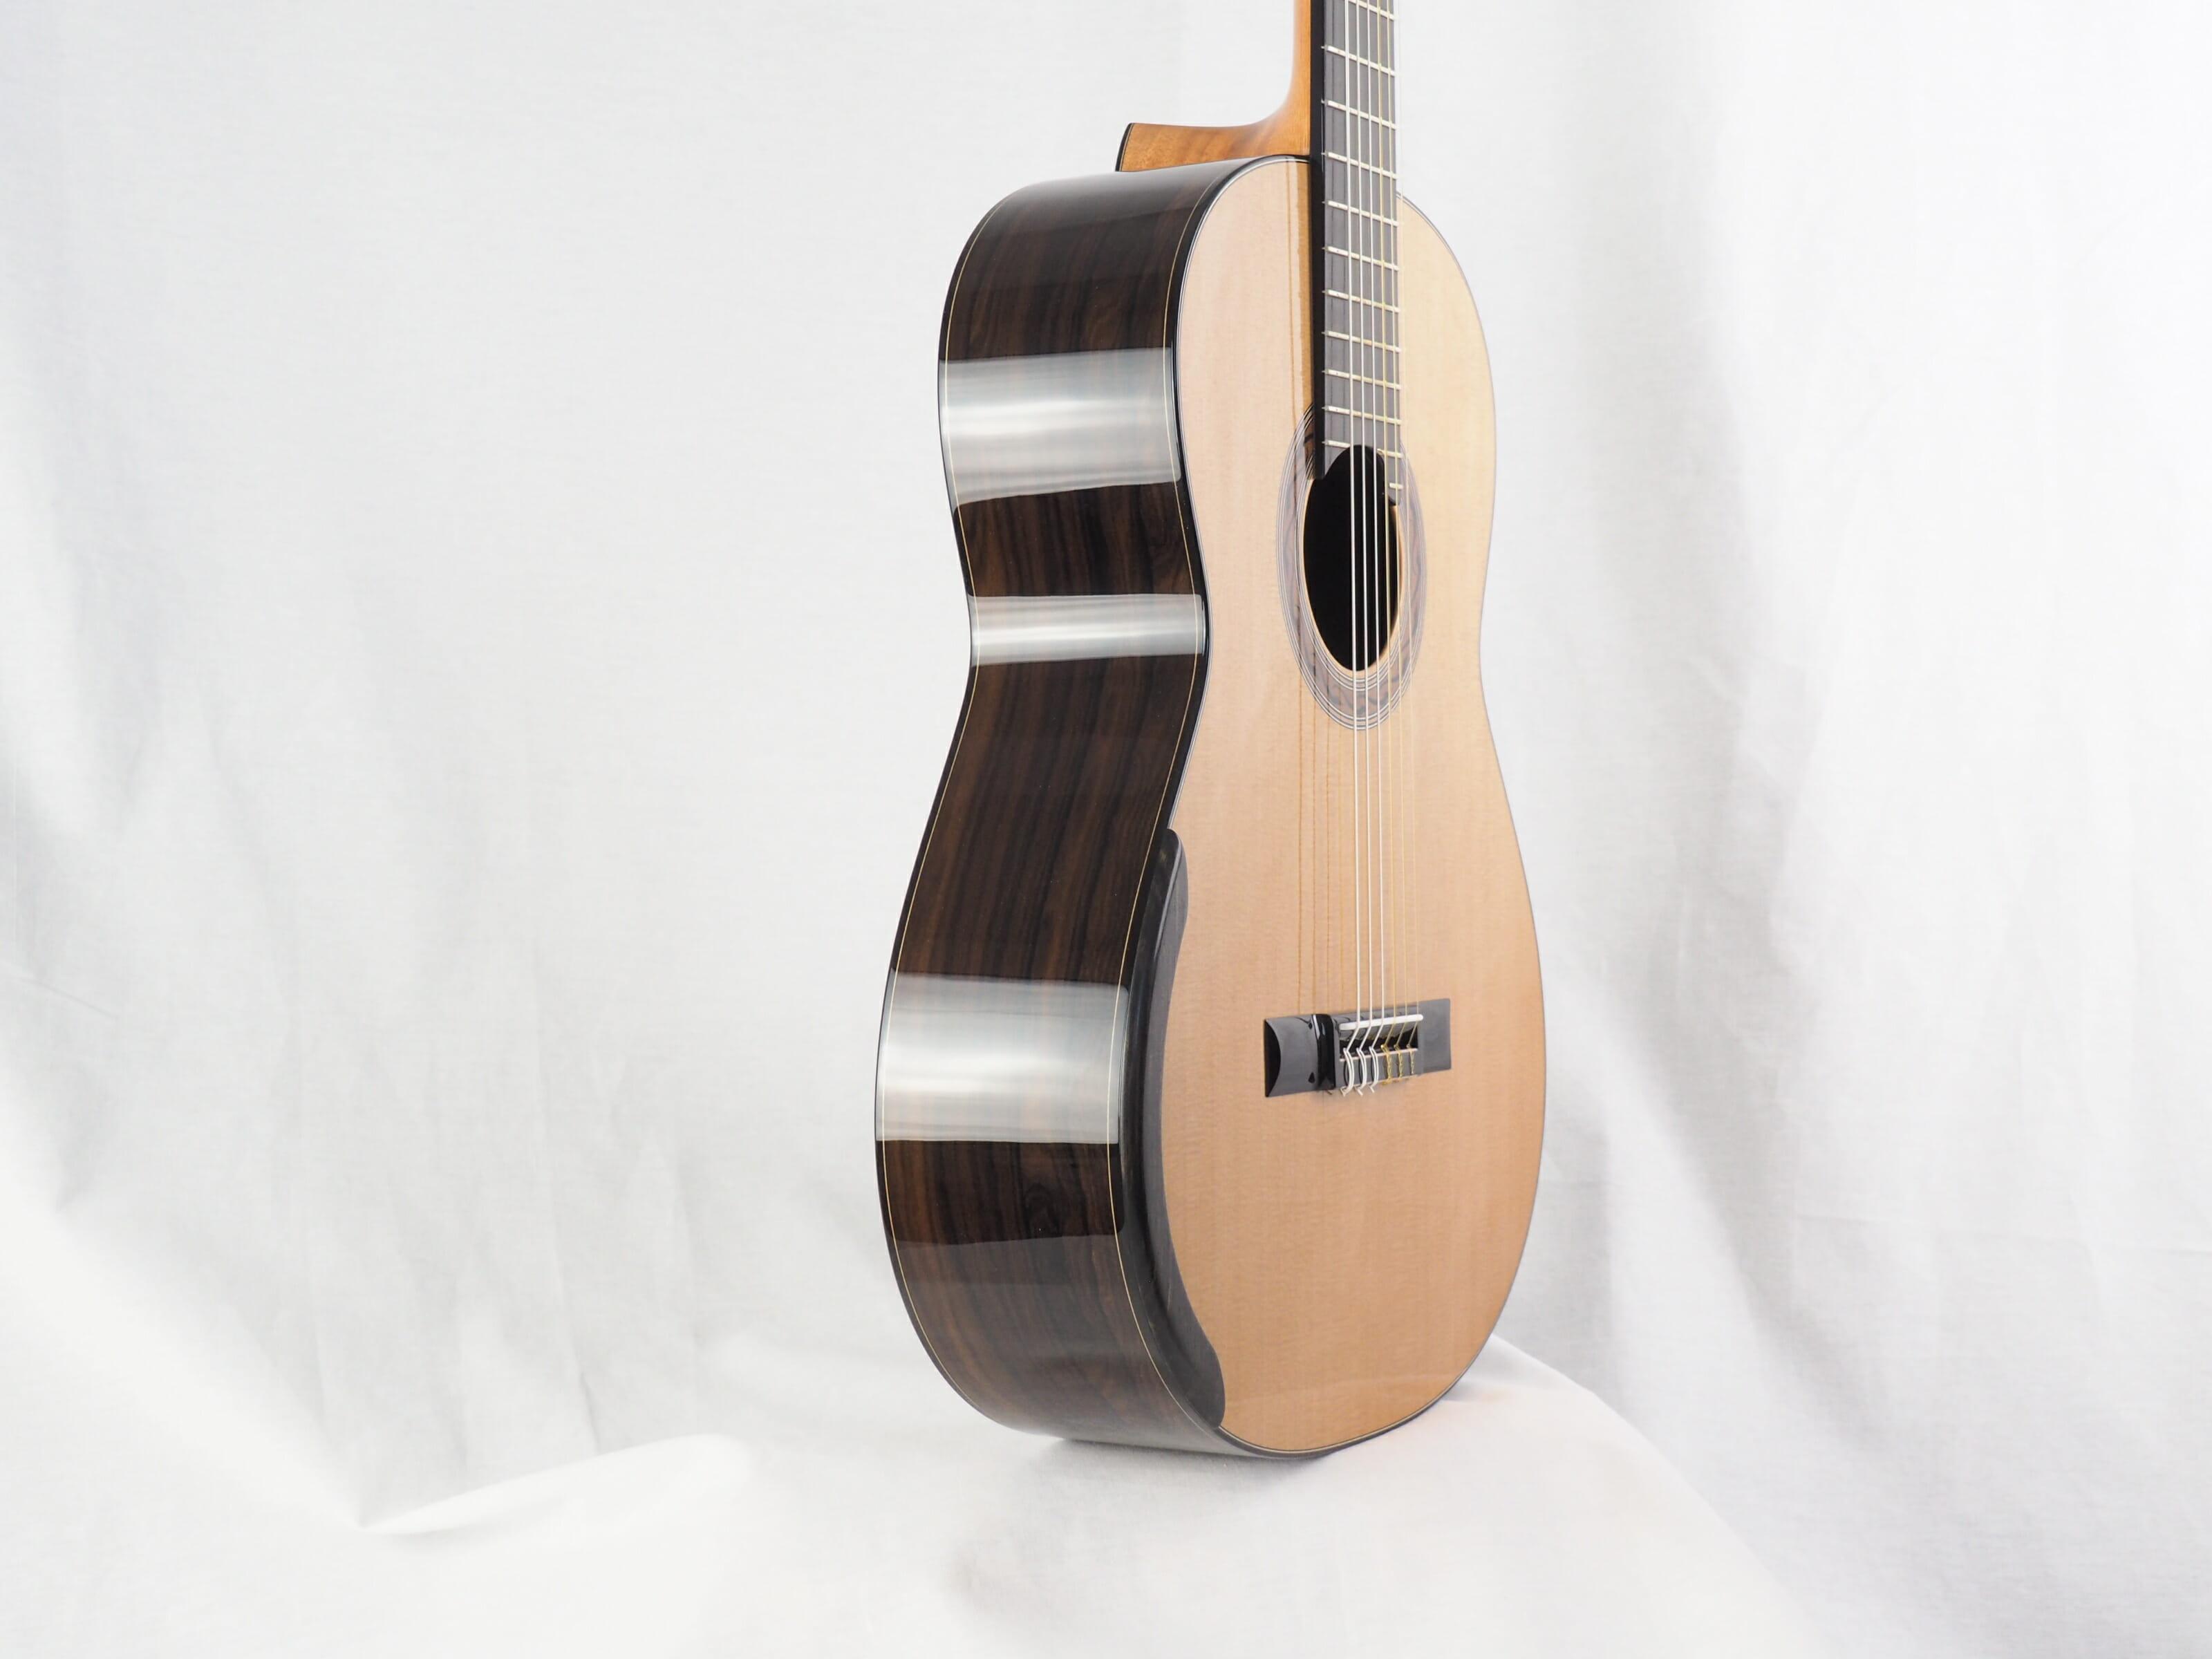 Kim Lissarrague guitare classique luthier No 317 19LIS317-03